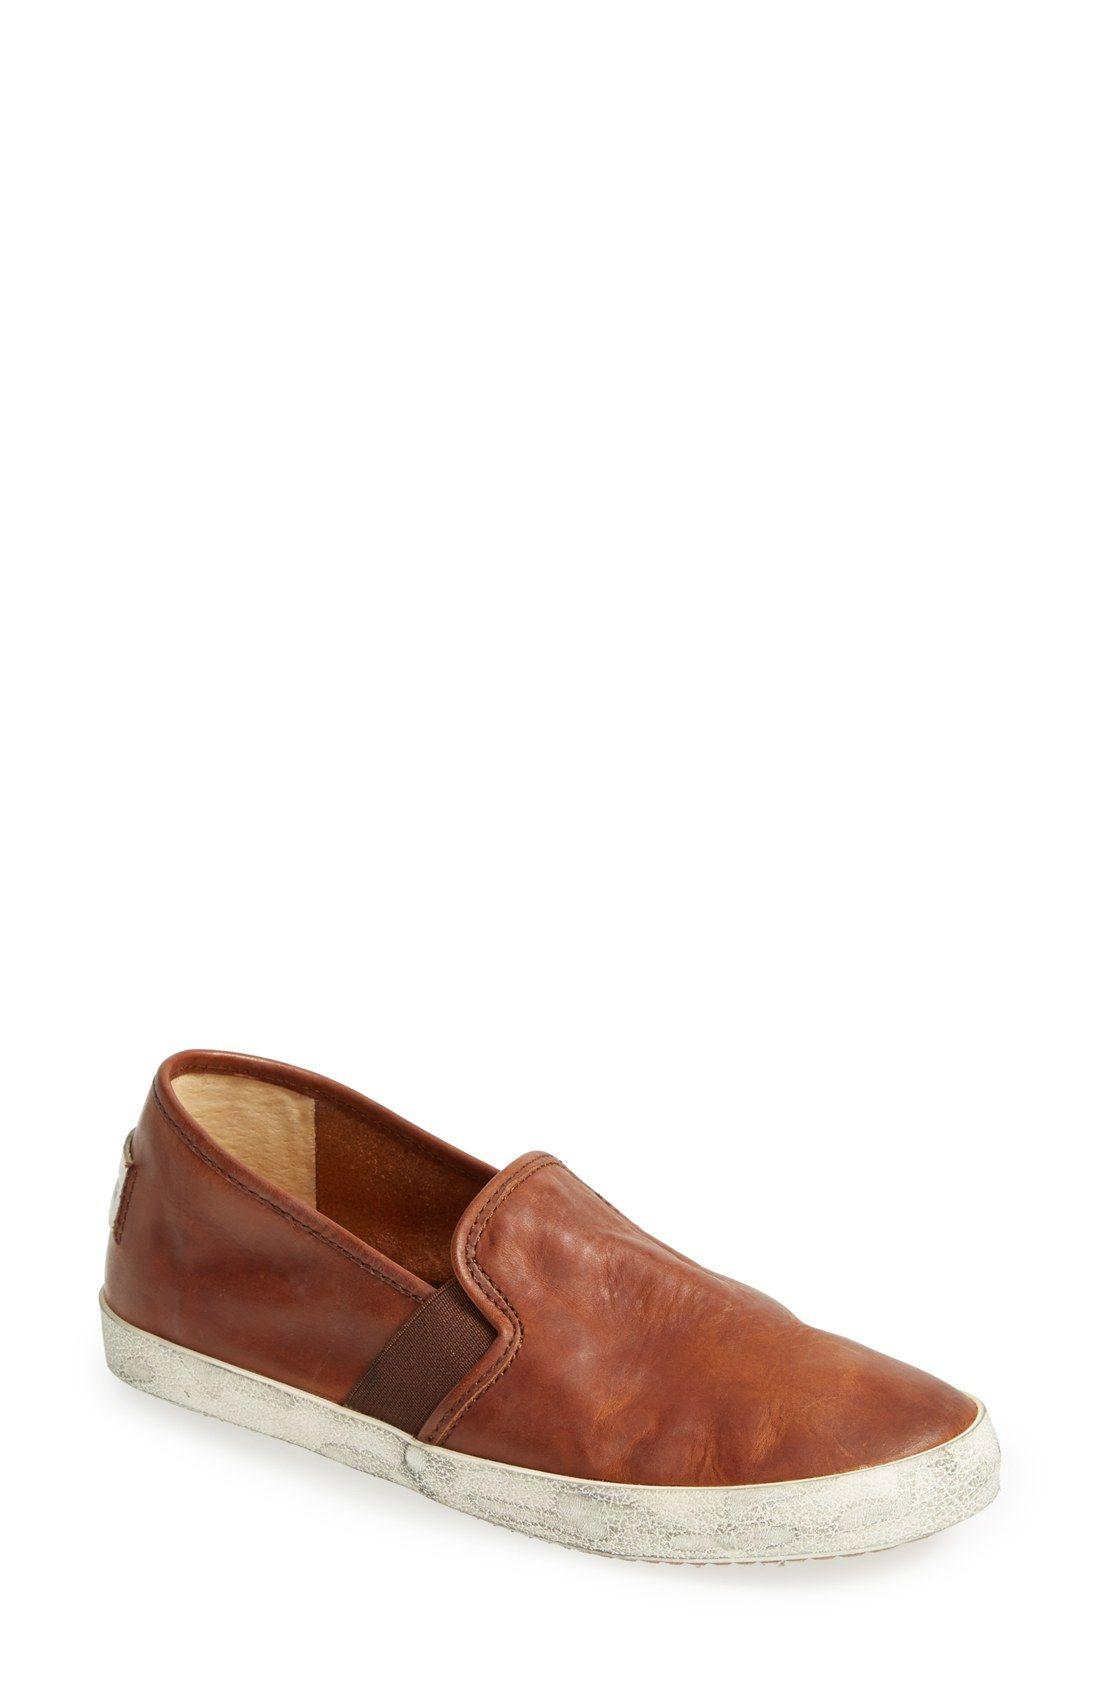 Frye Dylan Leather Slip On Sneaker Women Nordstrom Slip On Sneaker Leather Slip Ons Womens Sneakers